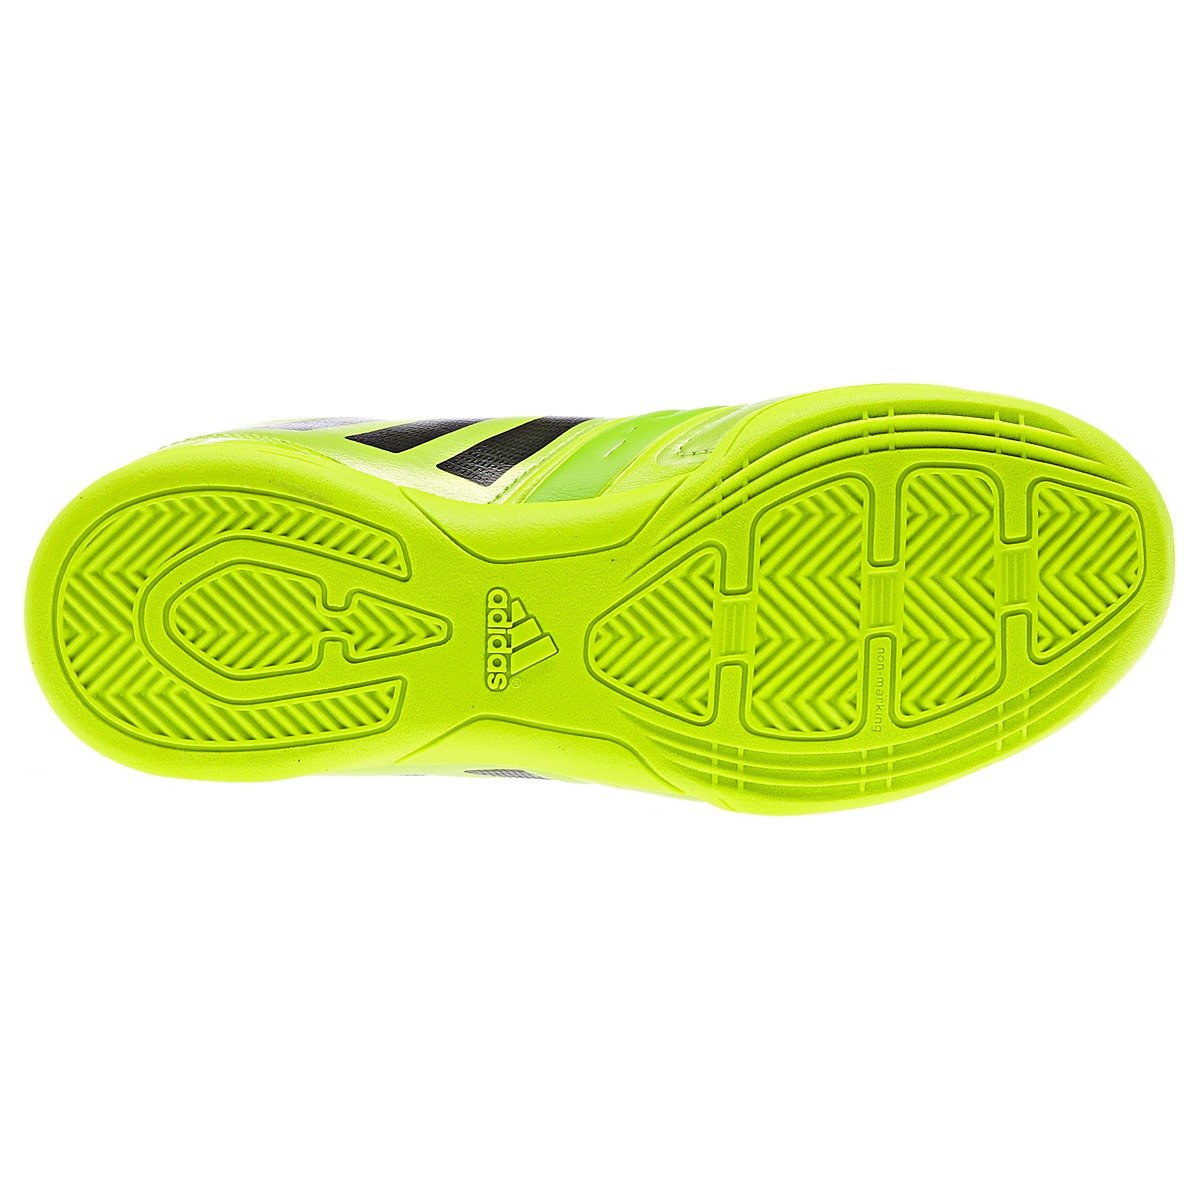 adidas Nitrocharge 3.0 Indoor